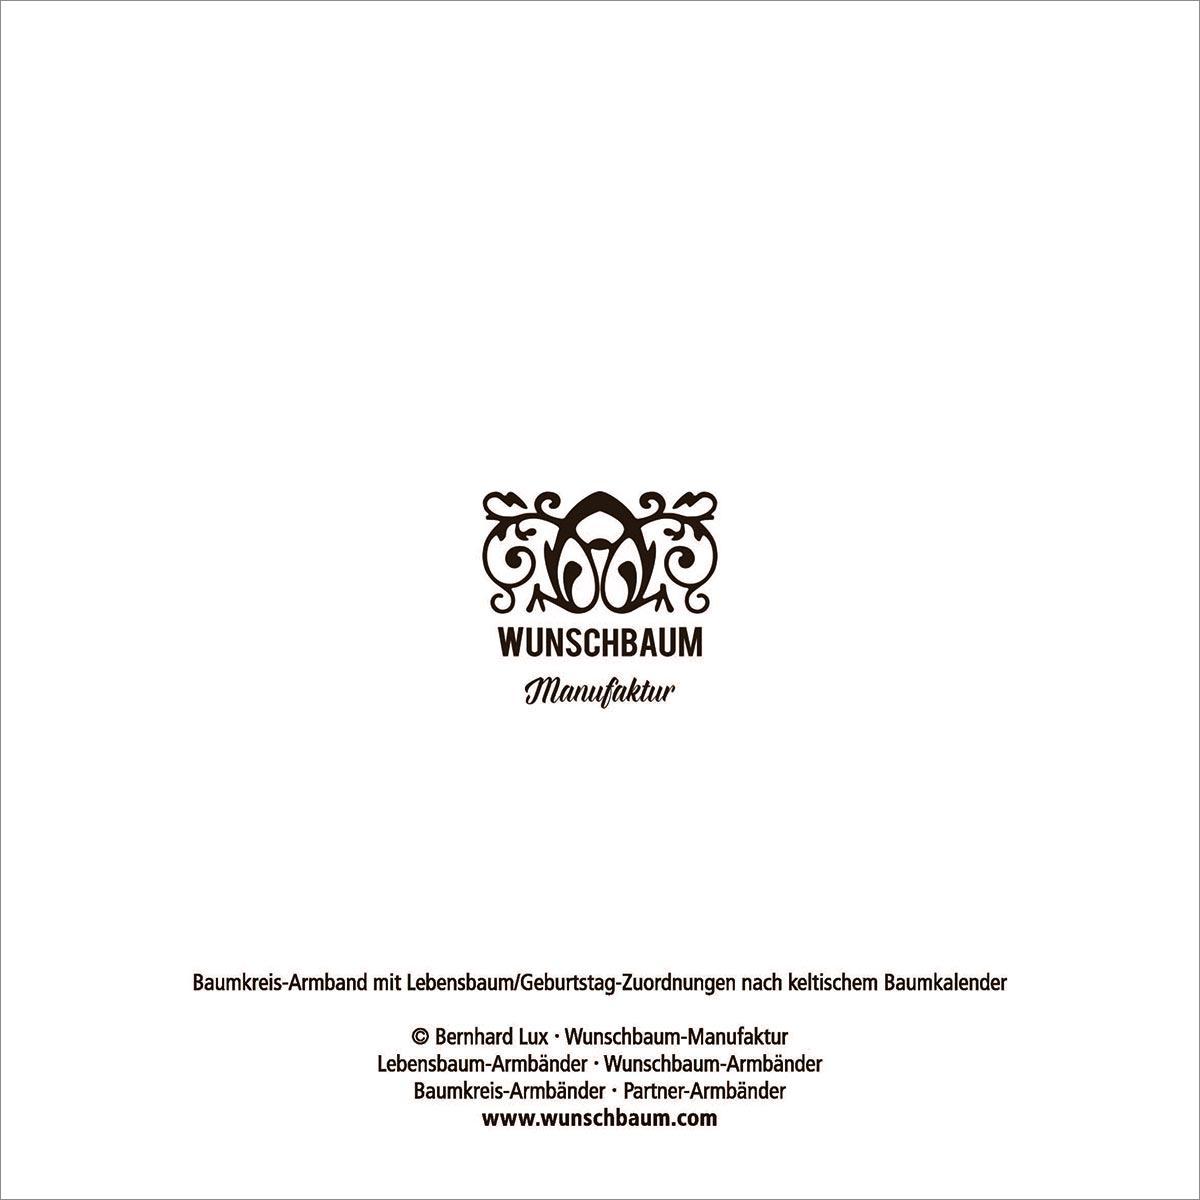 Wunschbaum-Manufaktur: Rückseite einer Info-Karte zum keltischen Baumkalender